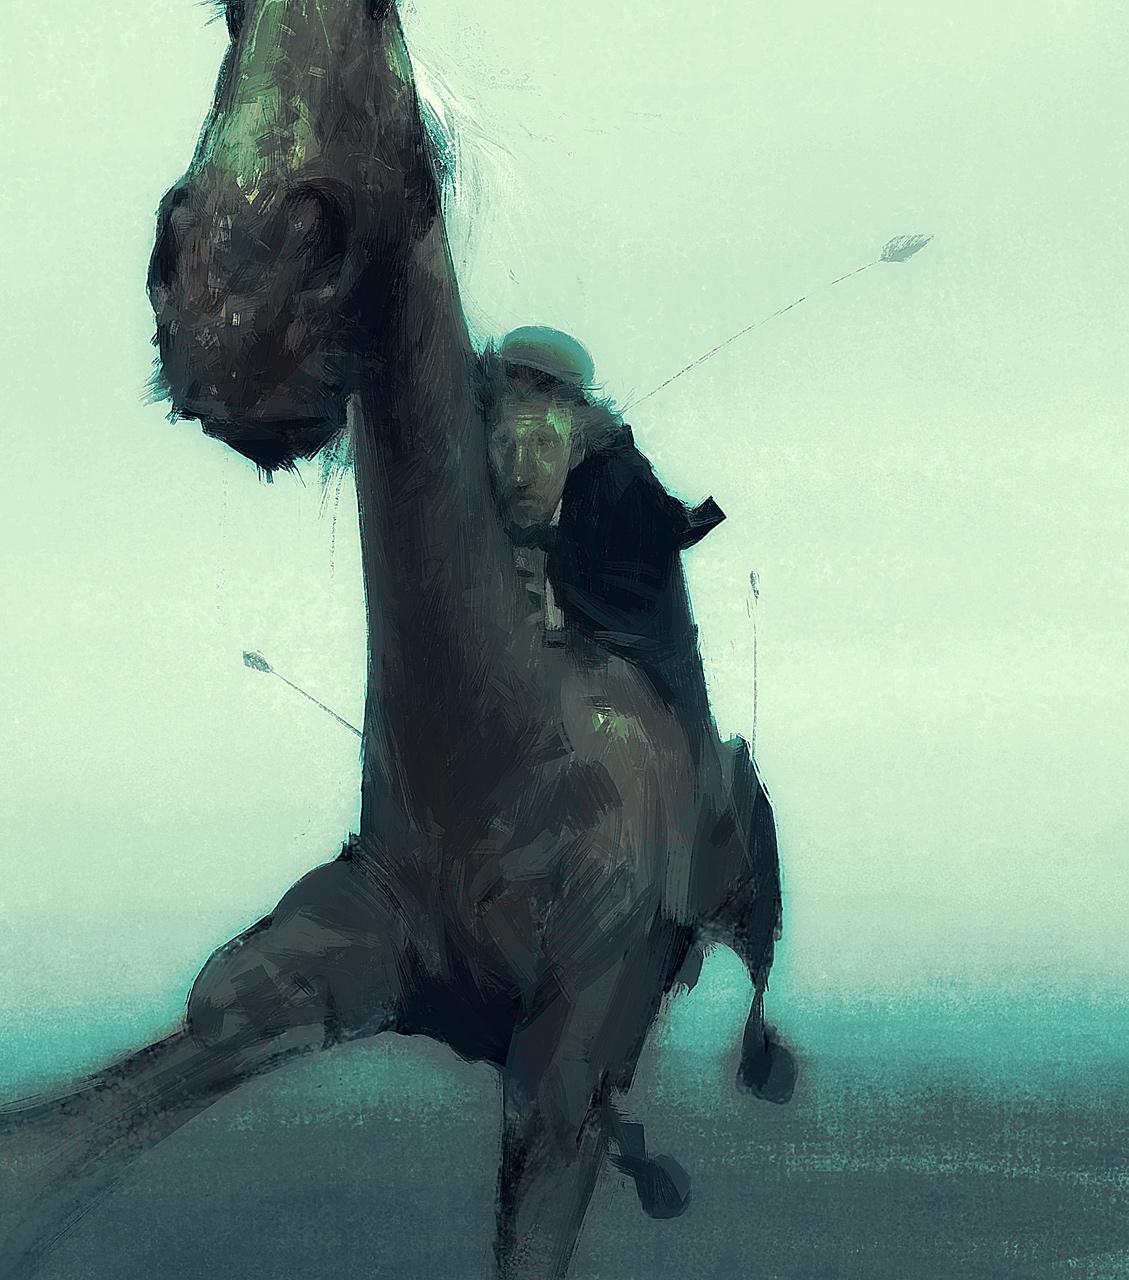 Les illustrations géniales et surprenantes du français Sergey Kolesov